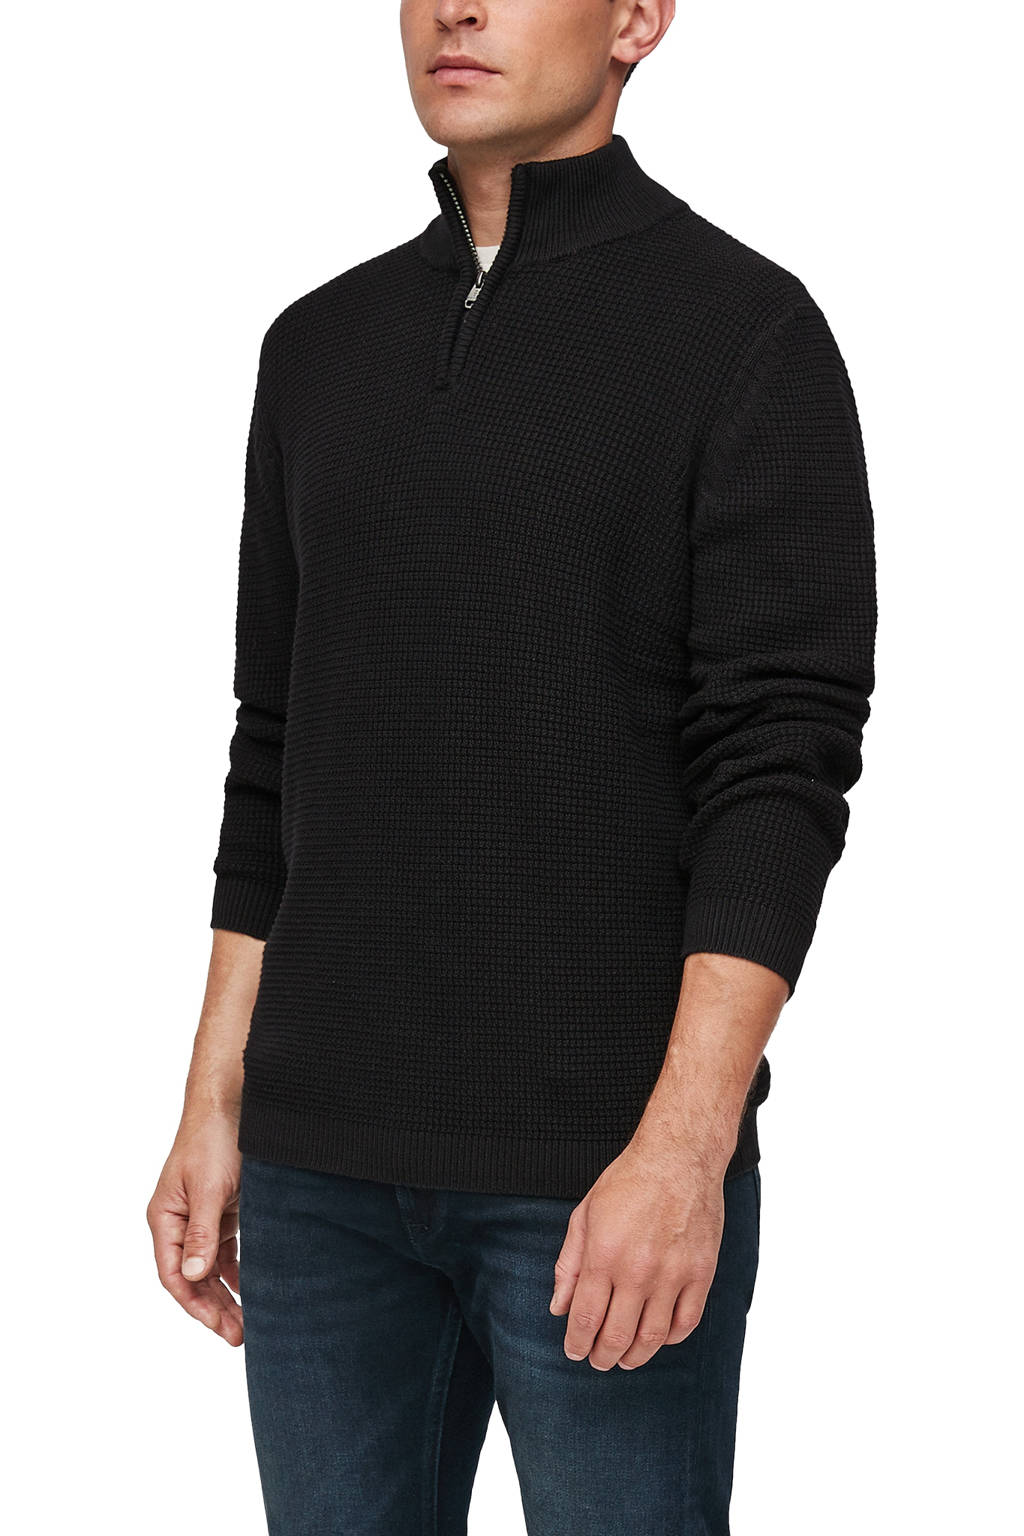 s.Oliver trui met textuur zwart, Zwart